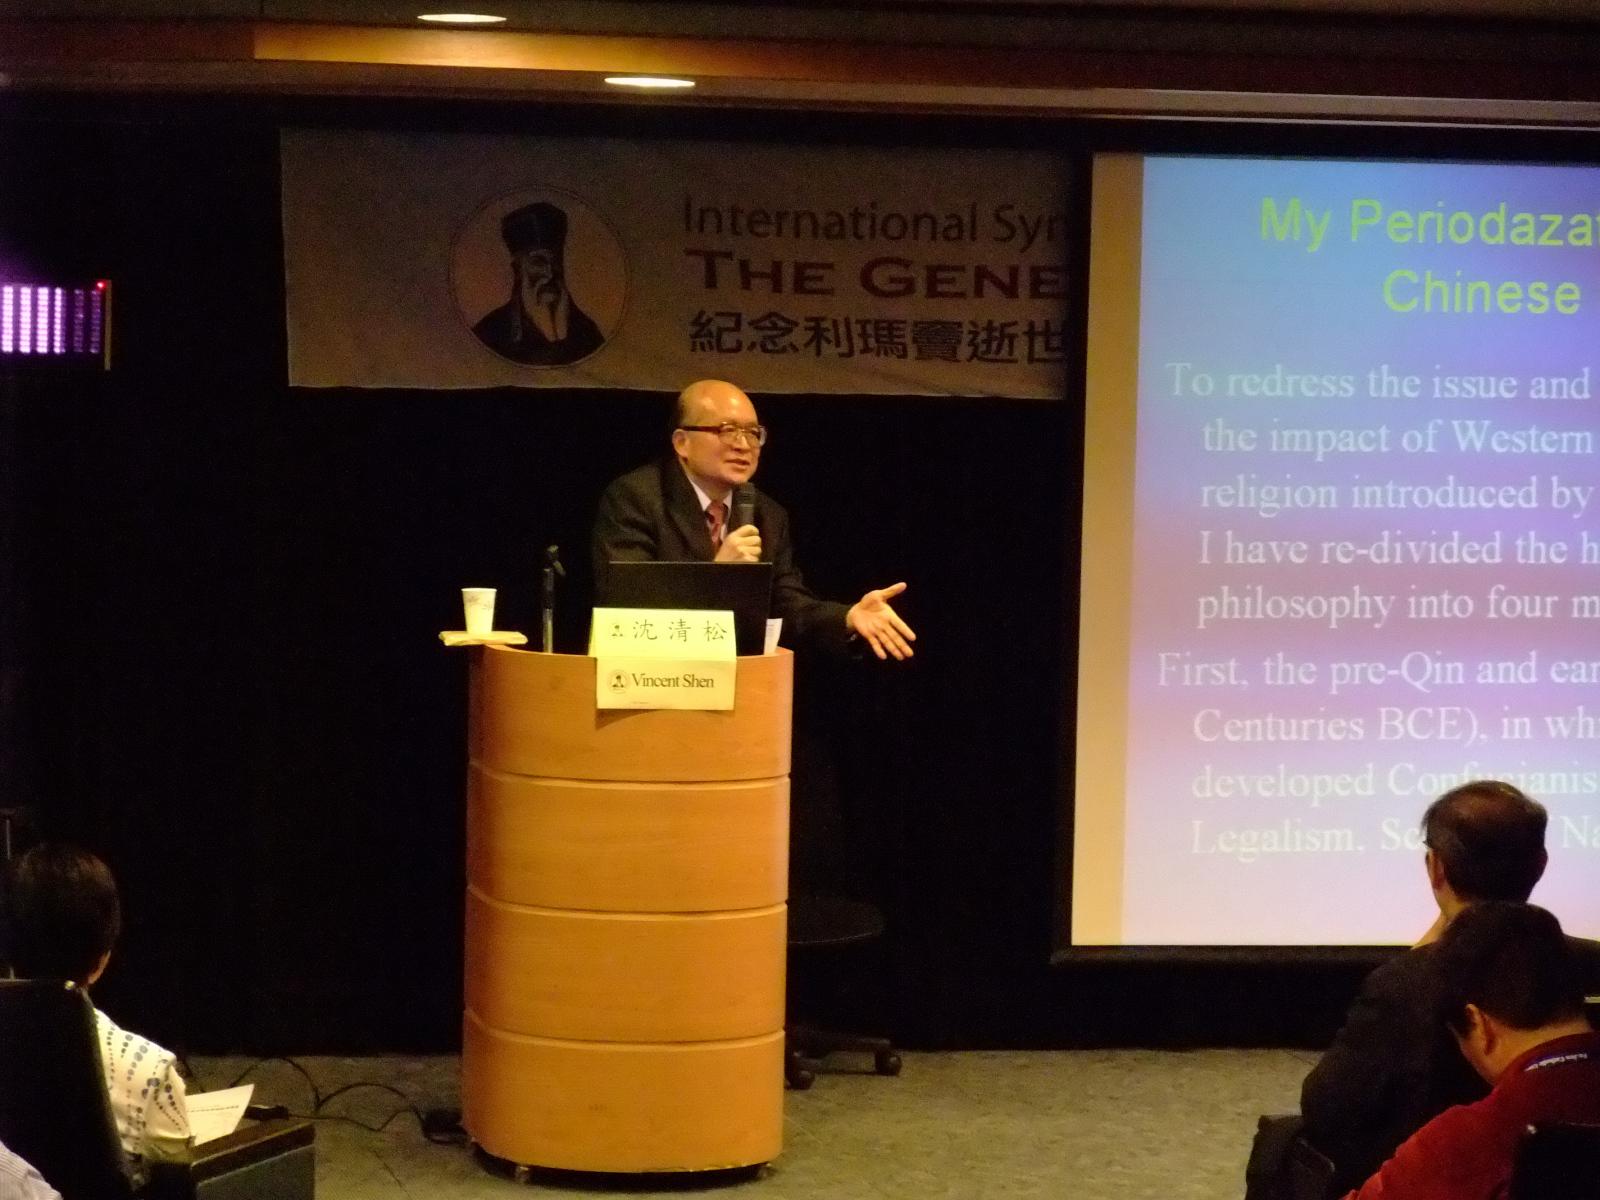 201004紀念利瑪竇逝世四百週年國際學術研討會-5